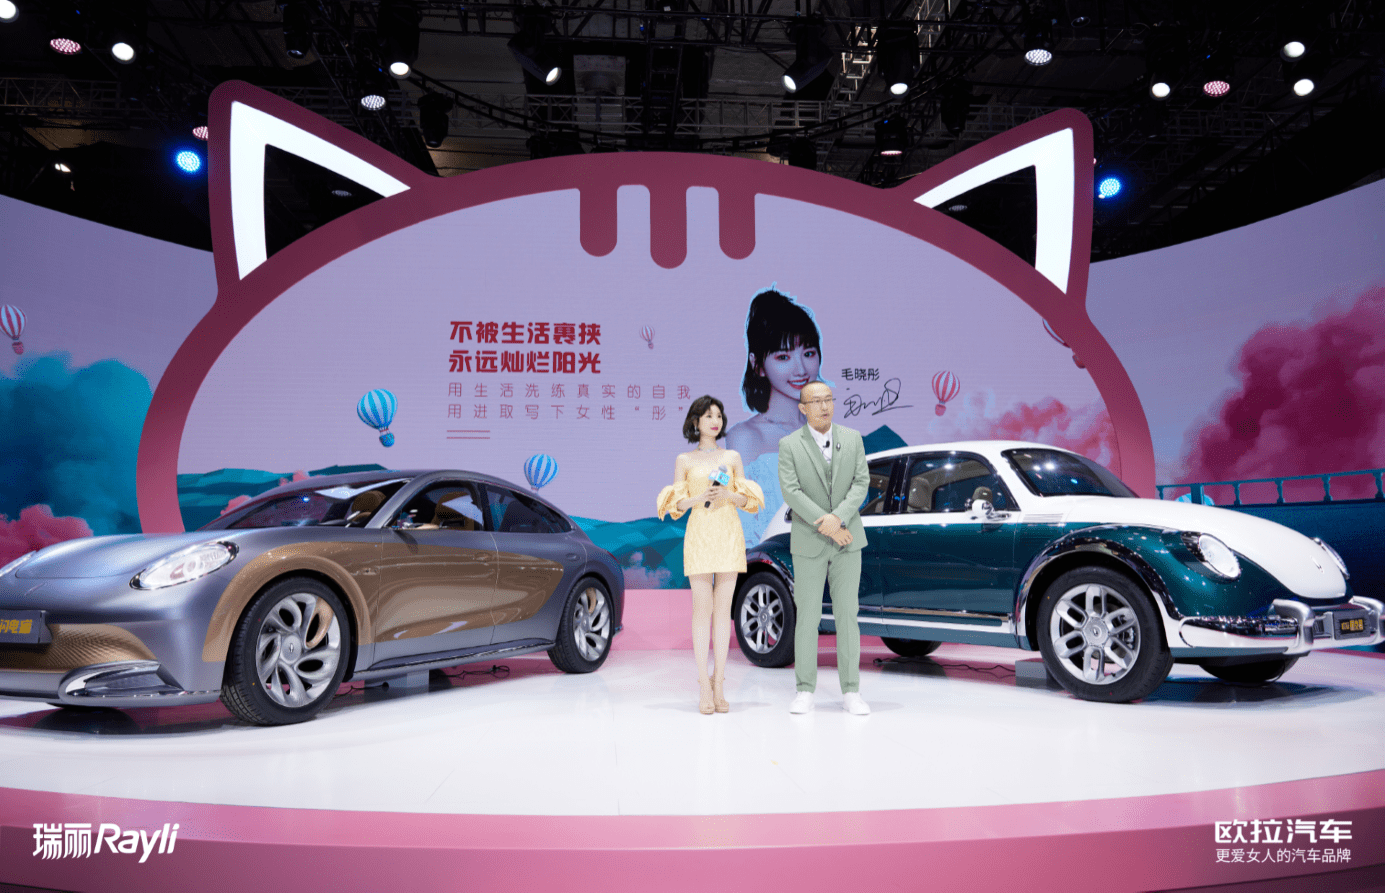 欧拉公主日 | 全球最爱女人的汽车品牌要让每一位女性都活成公主的样子